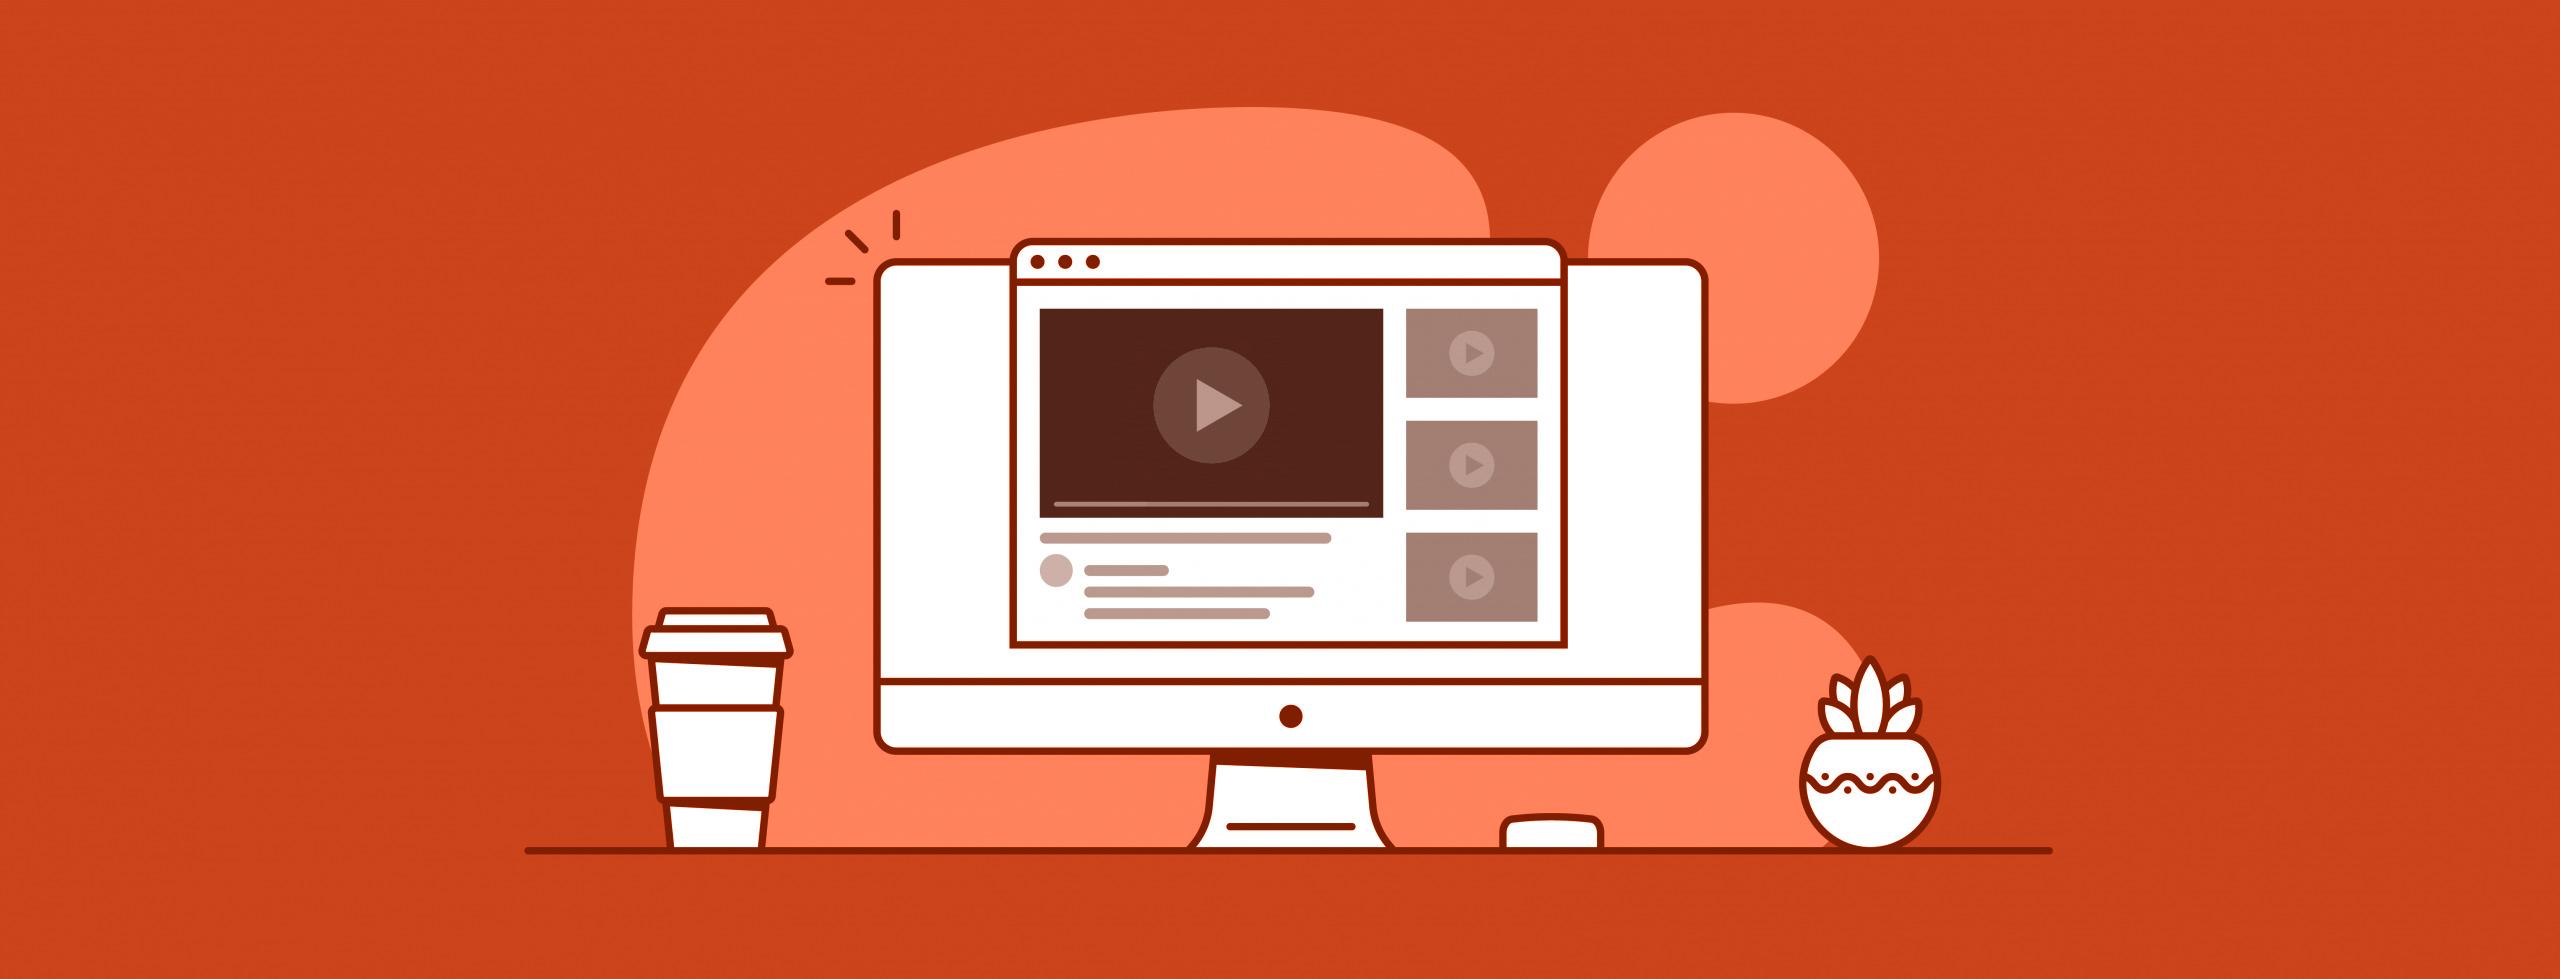 watch videos graphic